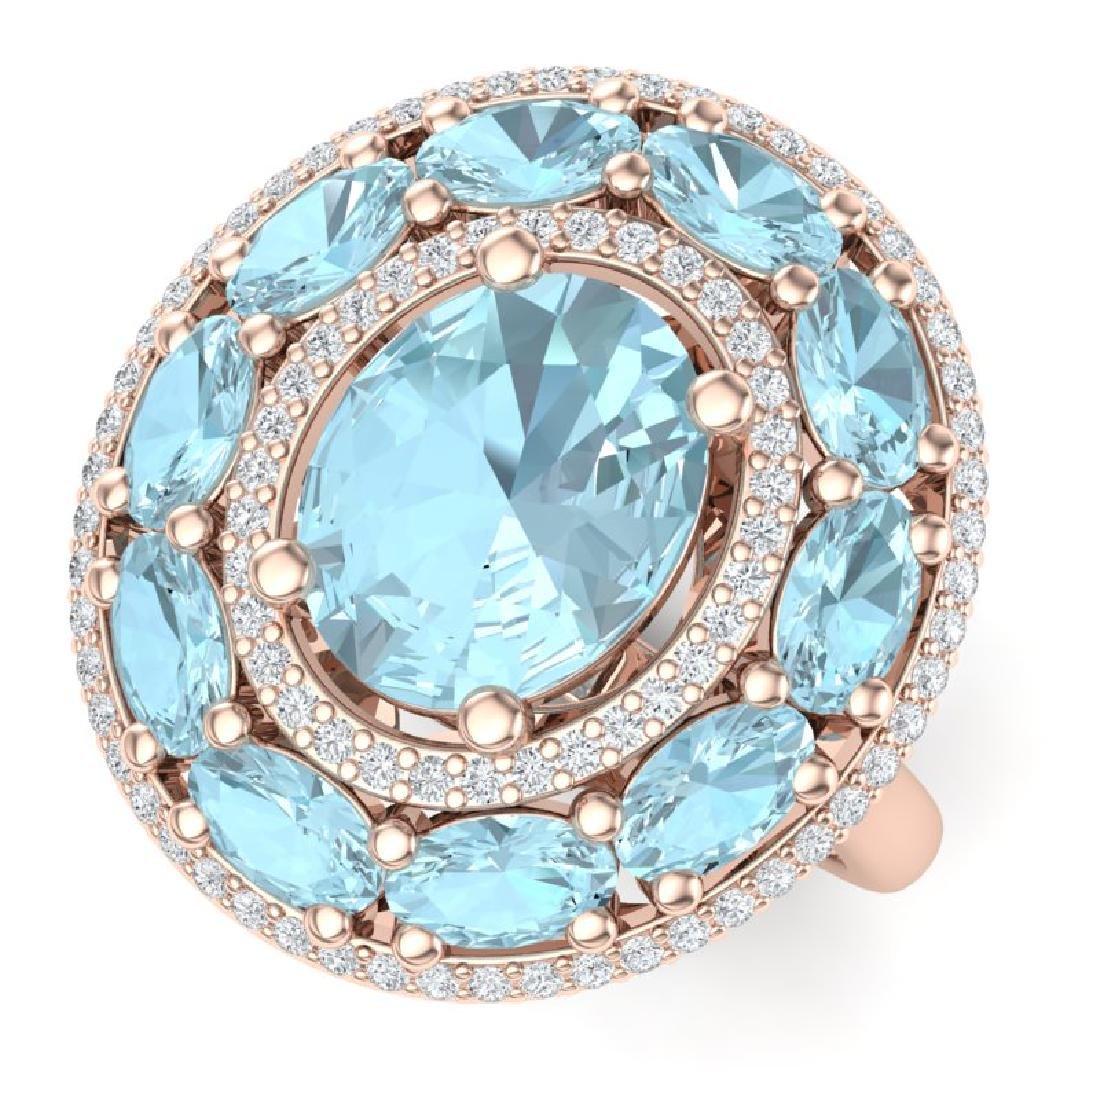 8.47 CTW Royalty Sky Topaz & VS Diamond Ring 18K Rose